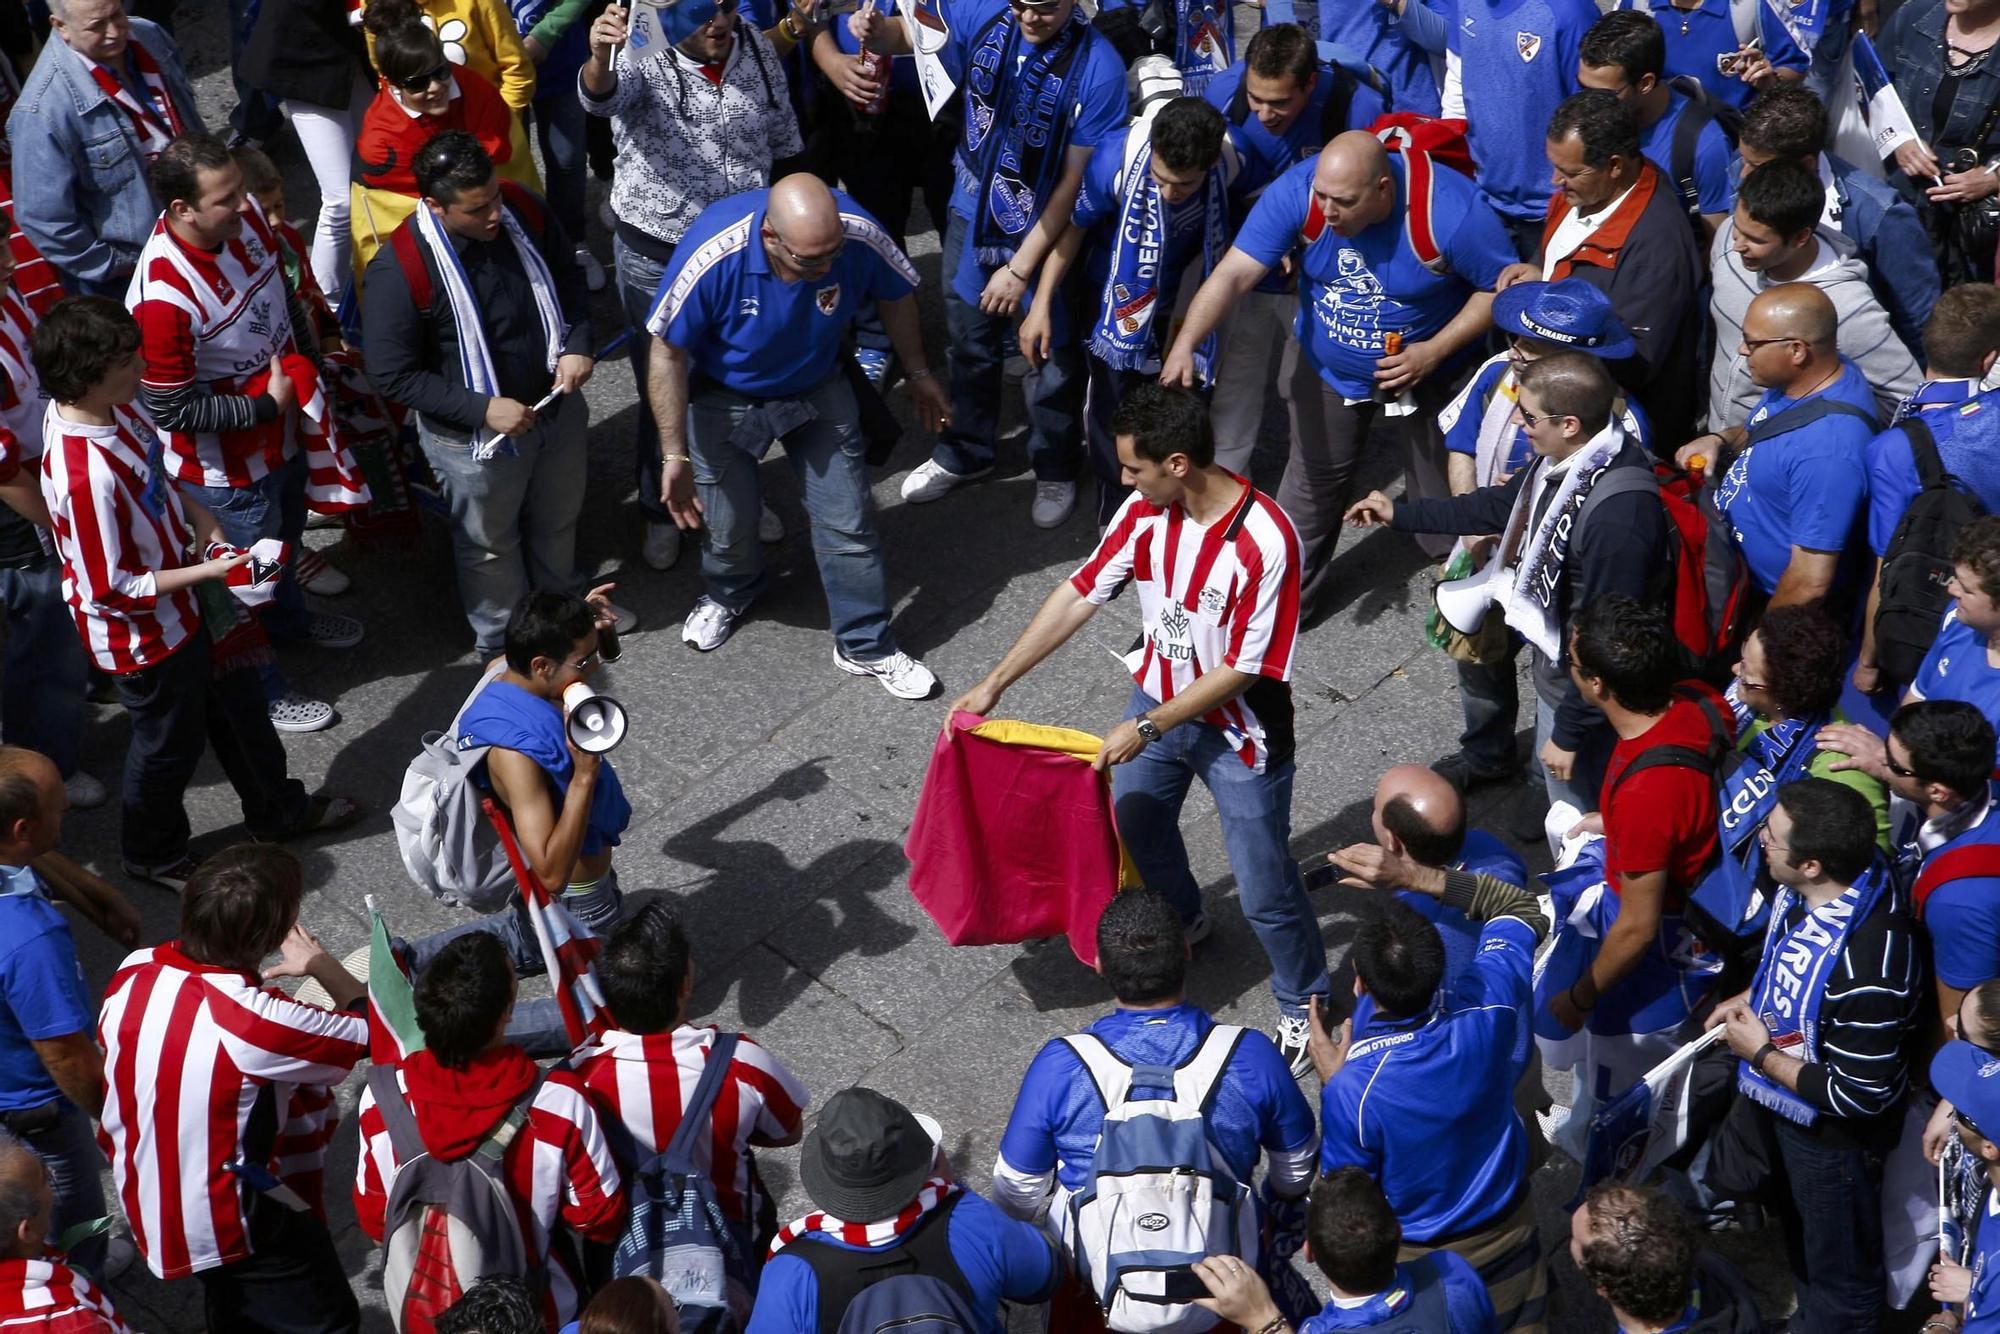 7. El aficionado Óscar Almaraz da unos pases en la Plaza Mayor de Zamora delante de la afición del Linares. Fue en los prolegómenos de la primera eliminatoria de la fase de ascenso en la temporada 2007-2008.